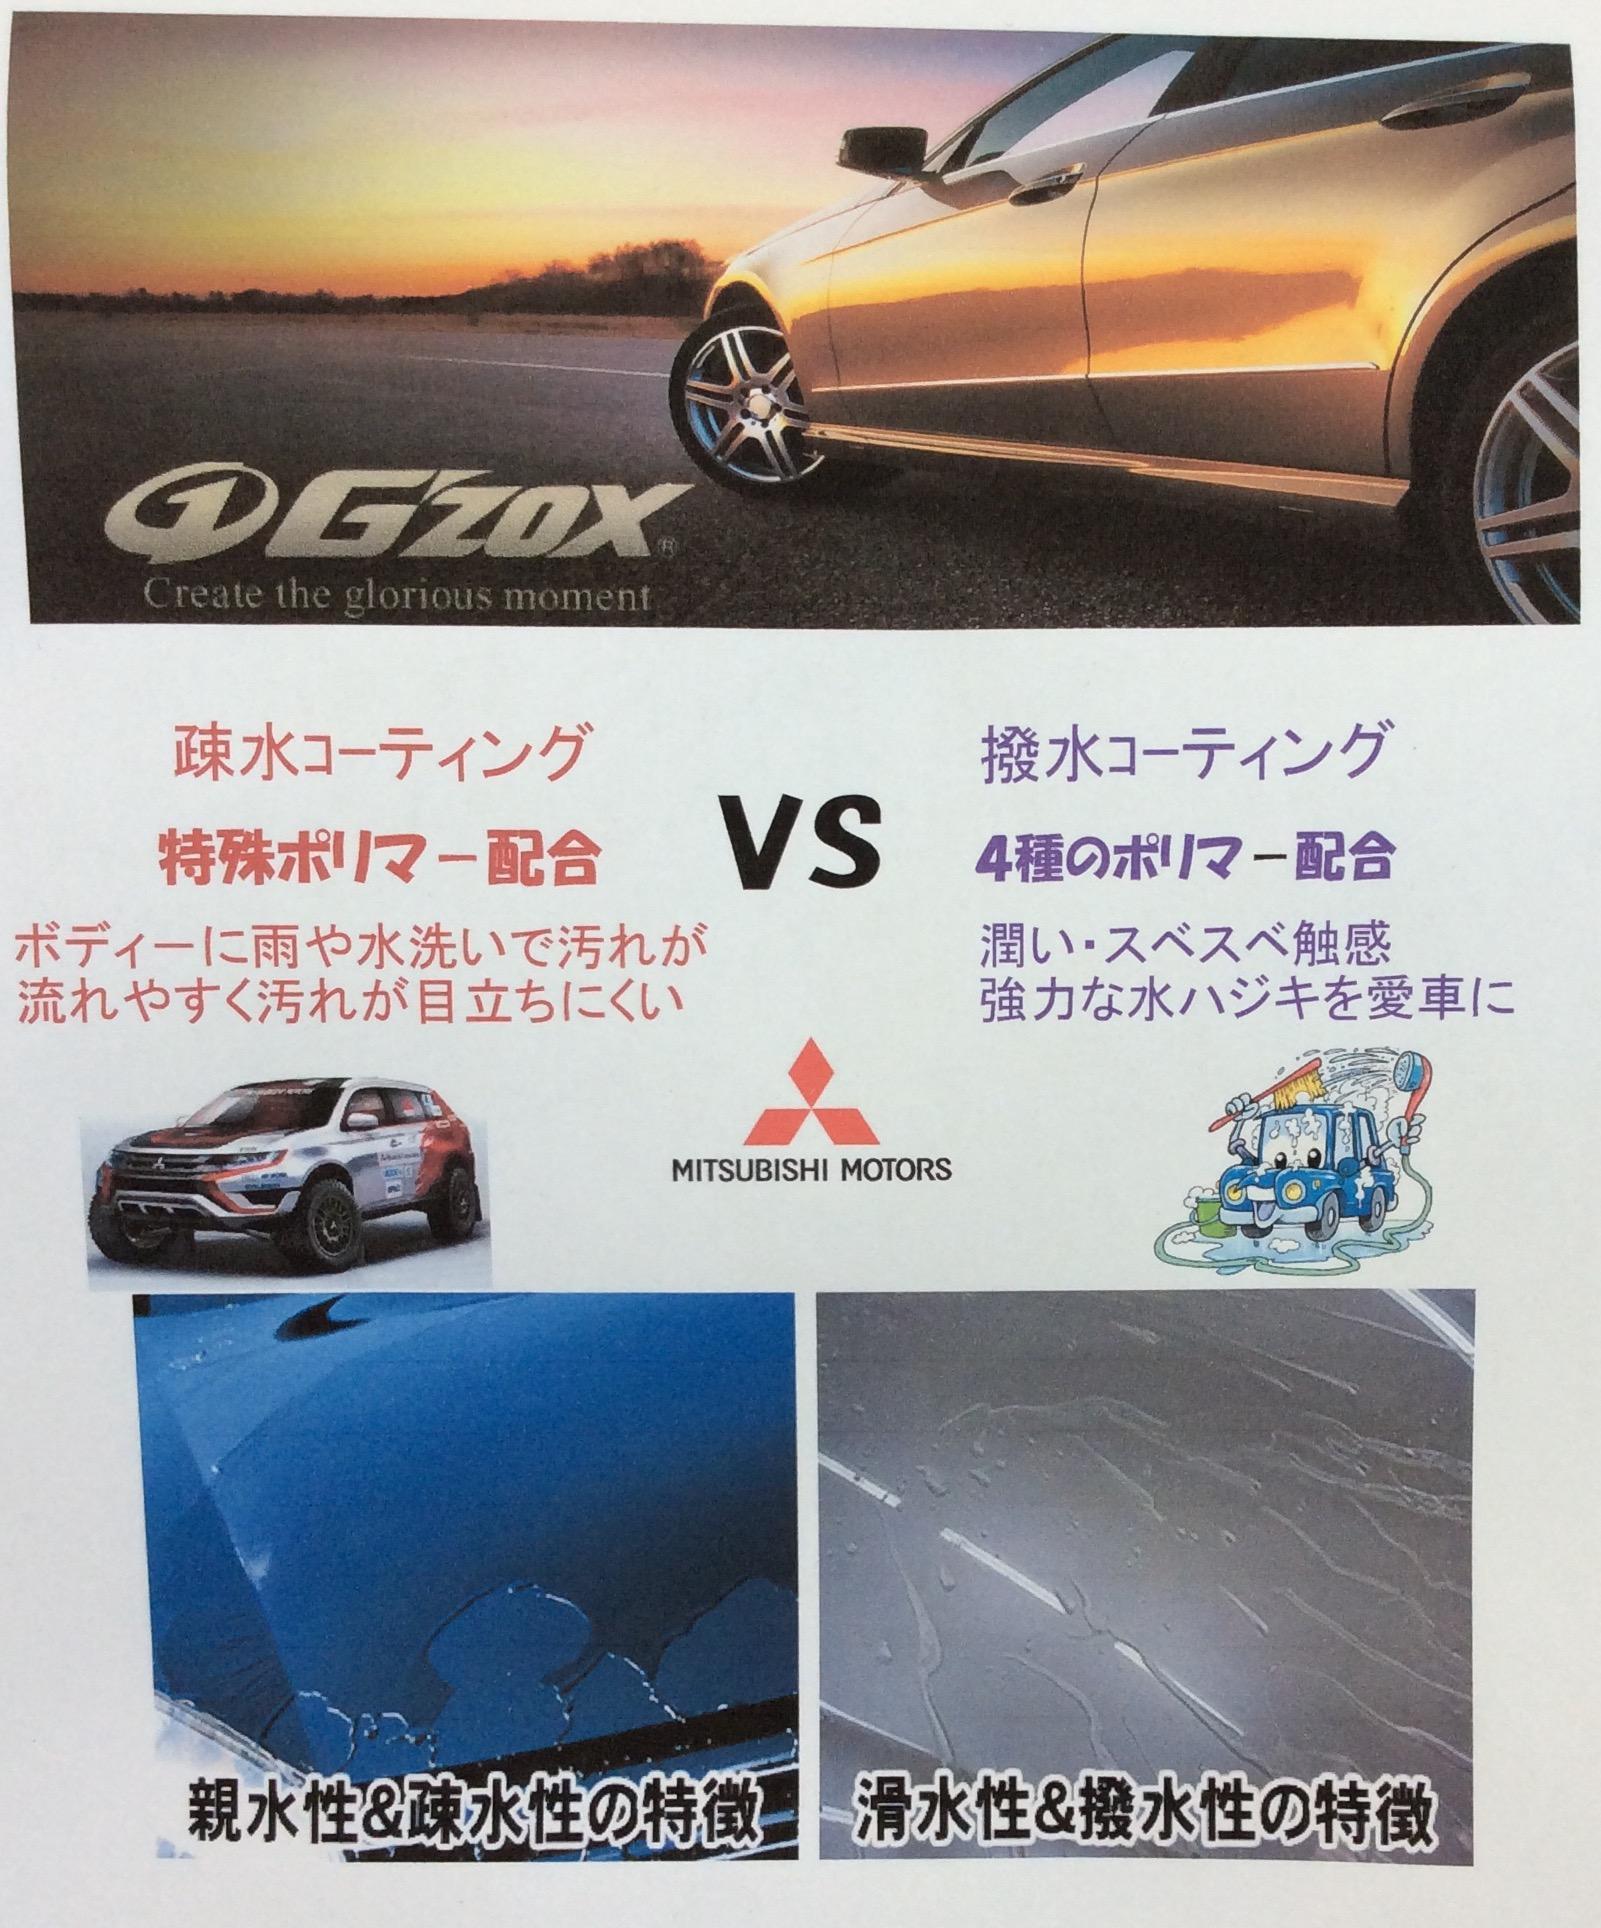 https://www.hyogo-mitsubishi.com/shop/akashi/files/d36b80f5d0252a66d612410e0e3dda467505d13c.jpeg